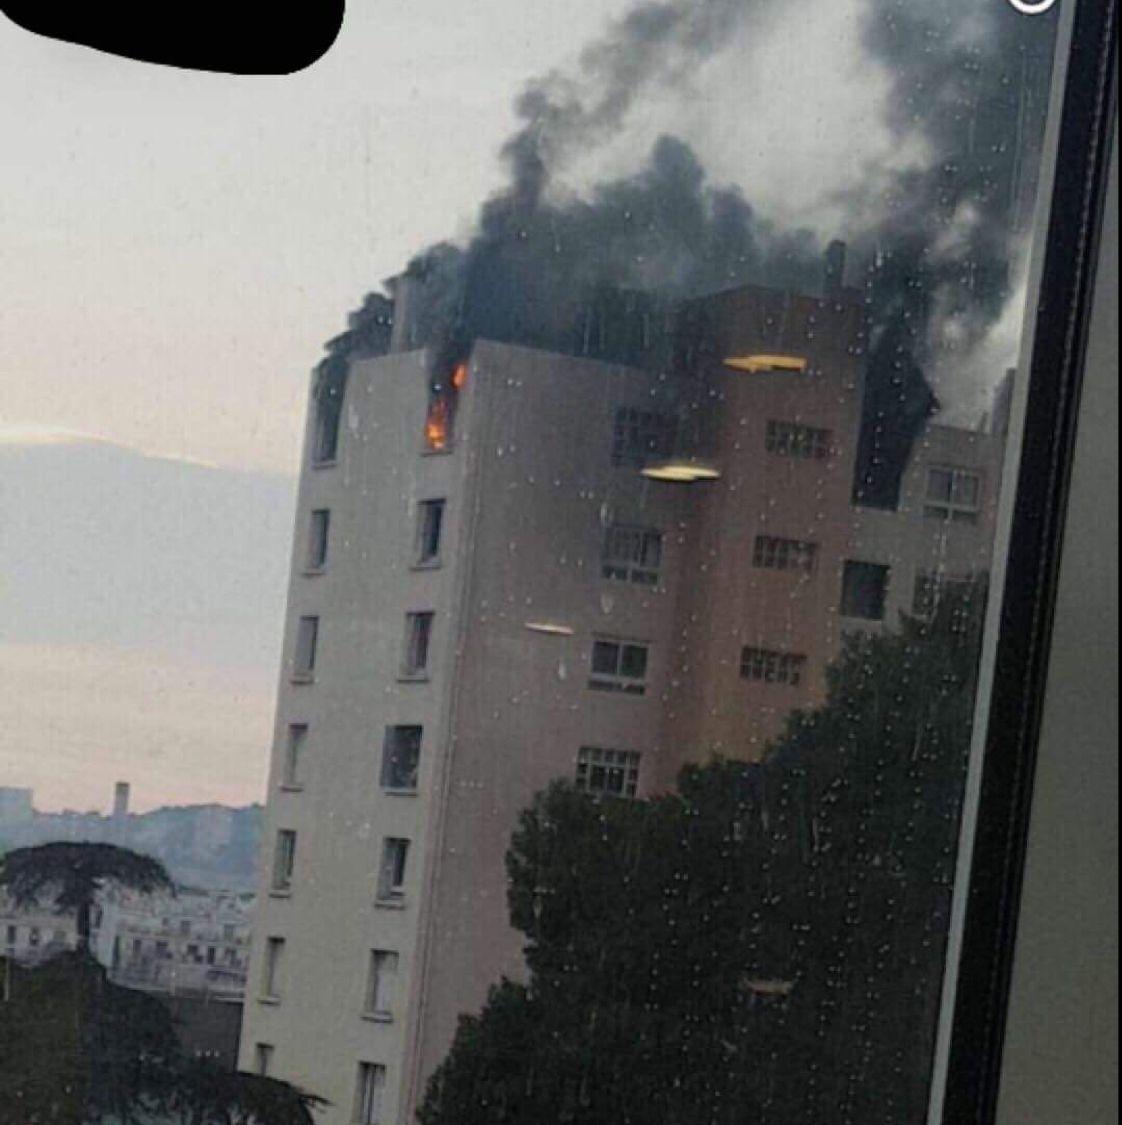 #Marseille : un appartement en feu dans le quartier Saint-Loup  http:// sur.laprovence.com/kIZG-kTZN  &nbsp;   #FaitsDivers <br>http://pic.twitter.com/ug2nwTPMlG